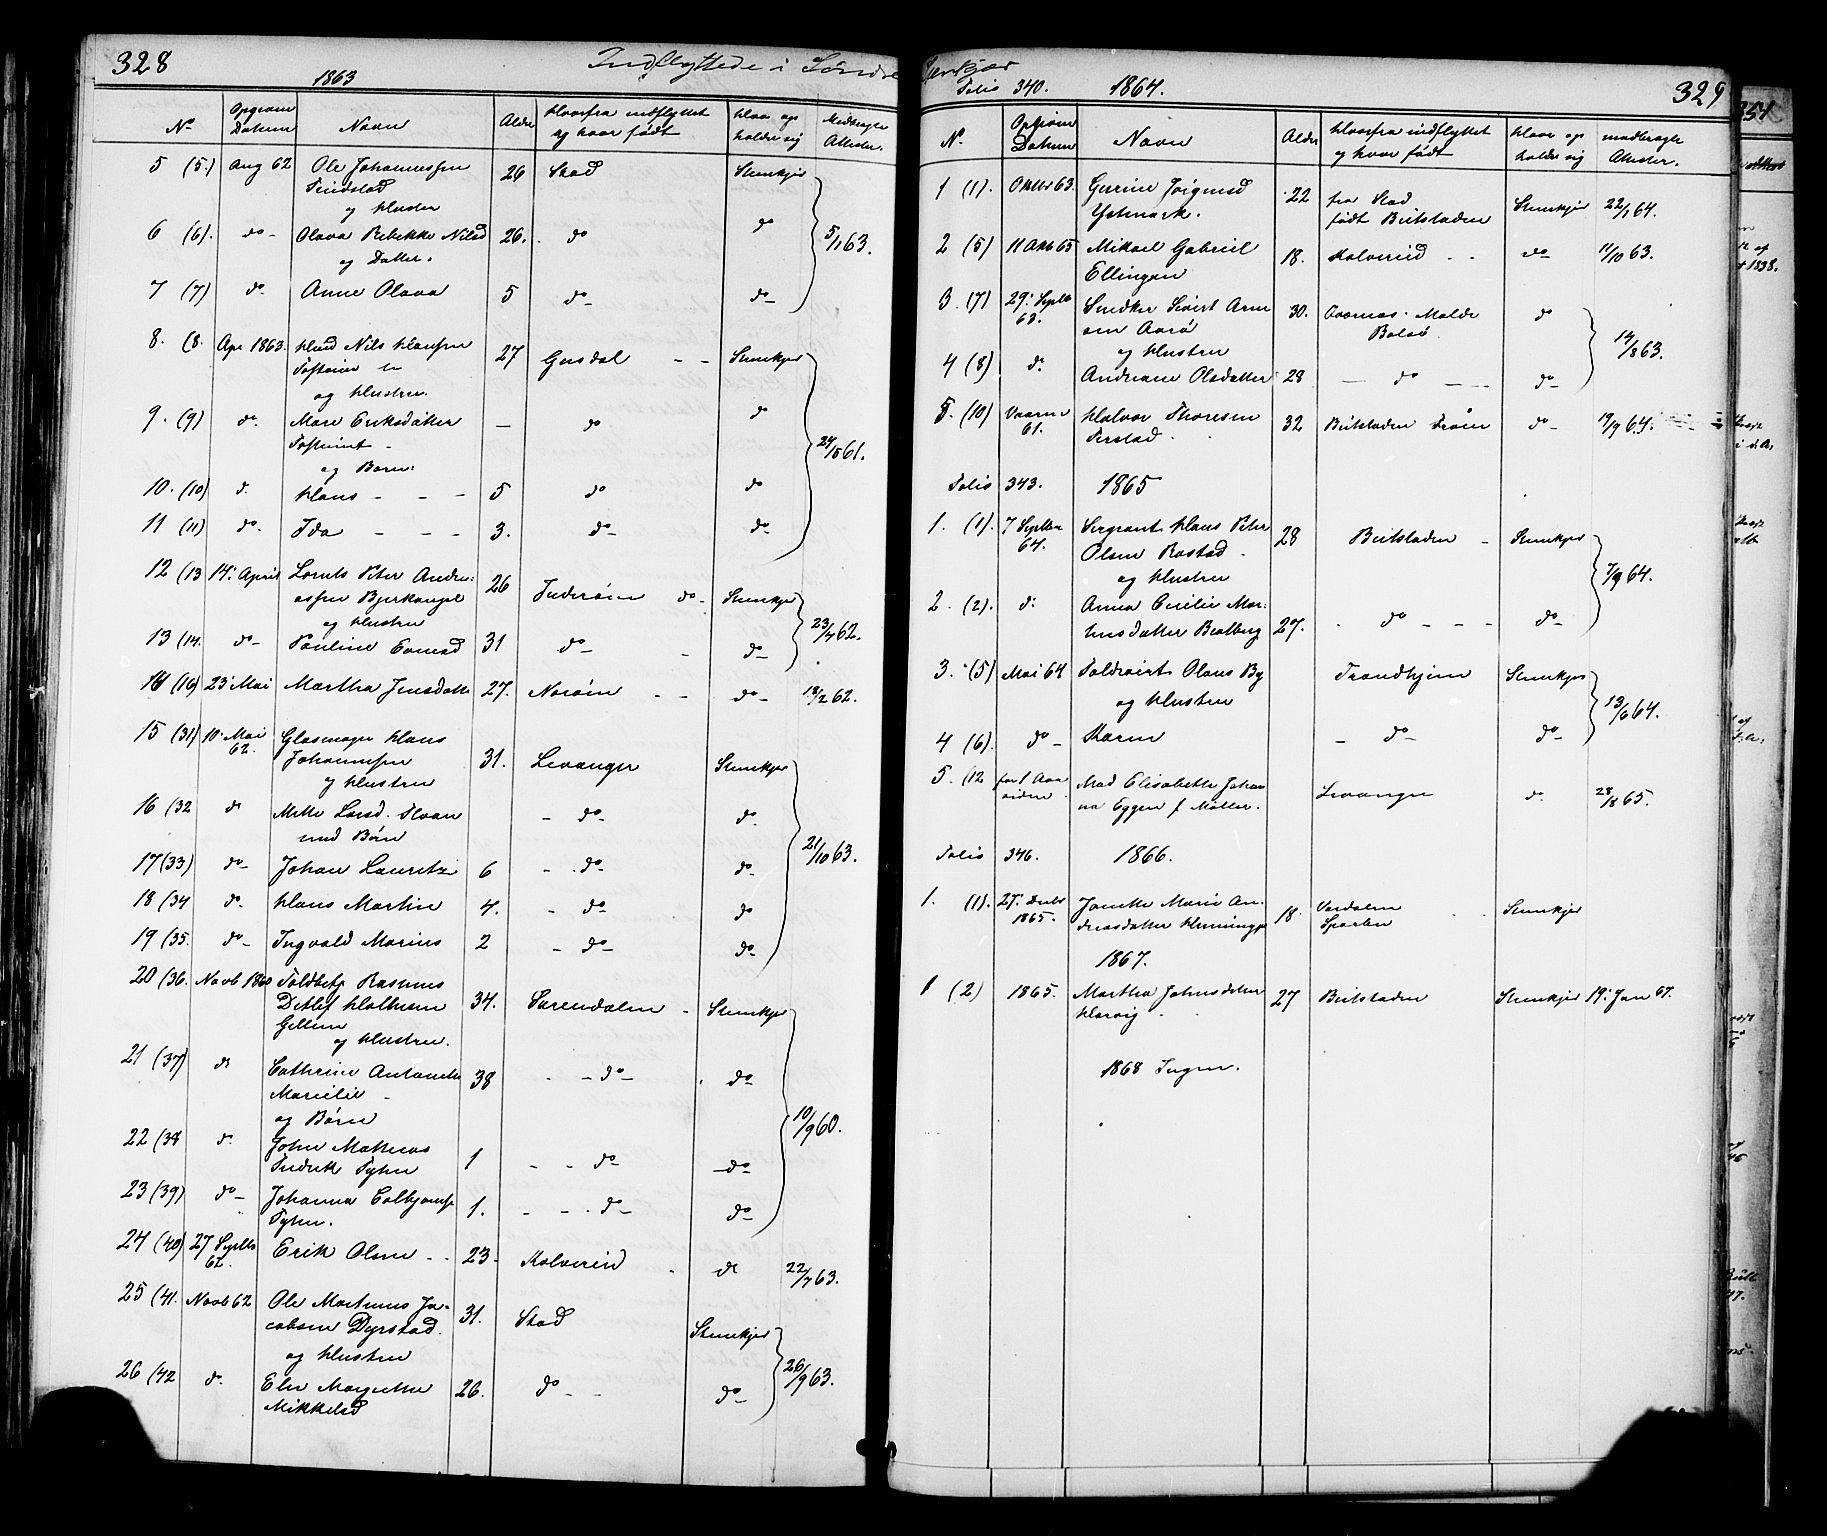 SAT, Ministerialprotokoller, klokkerbøker og fødselsregistre - Nord-Trøndelag, 739/L0367: Ministerialbok nr. 739A01 /1, 1838-1868, s. 328-329